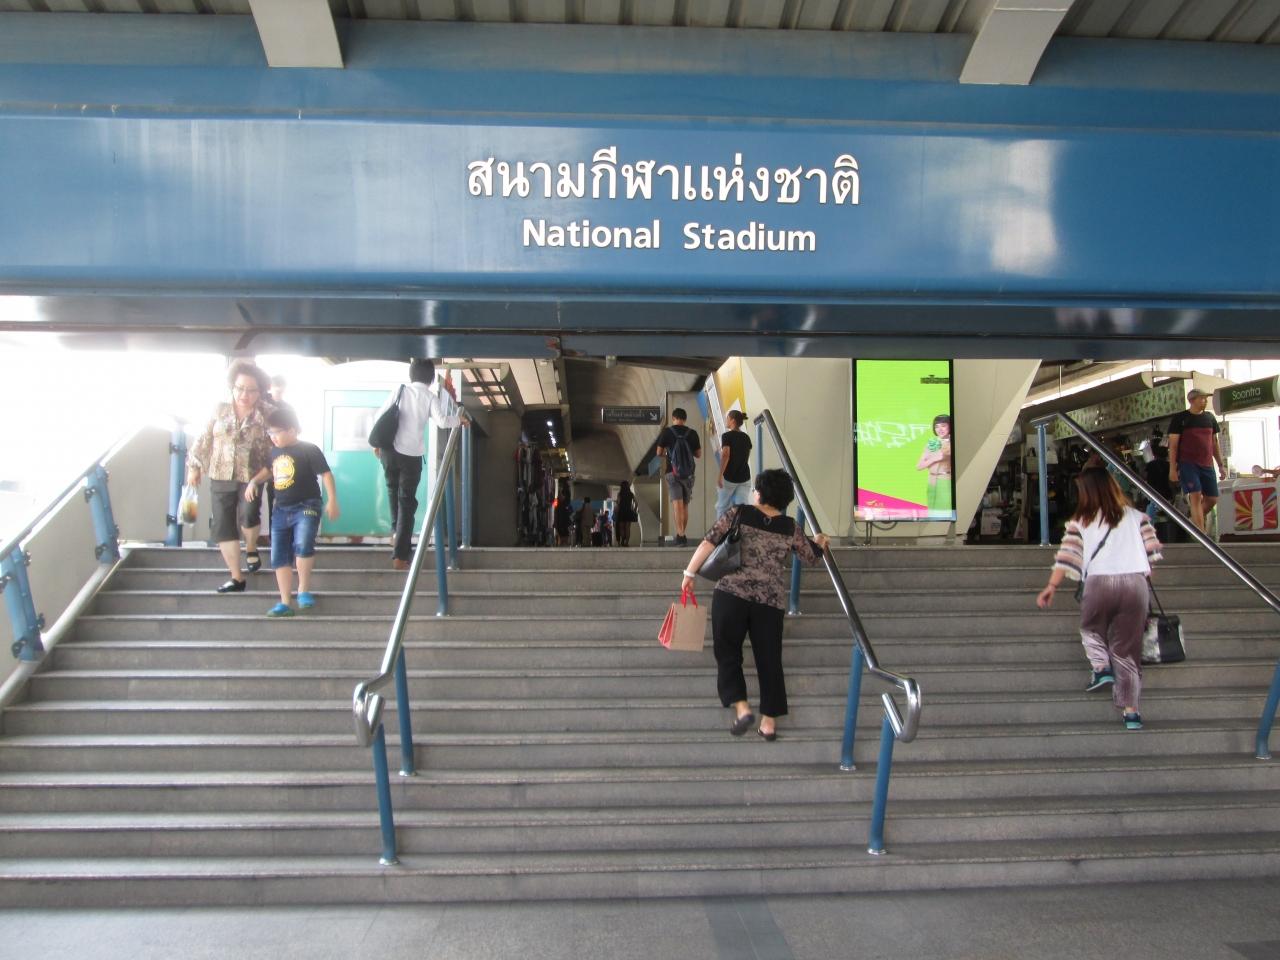 Bts National Stadium Station Bts